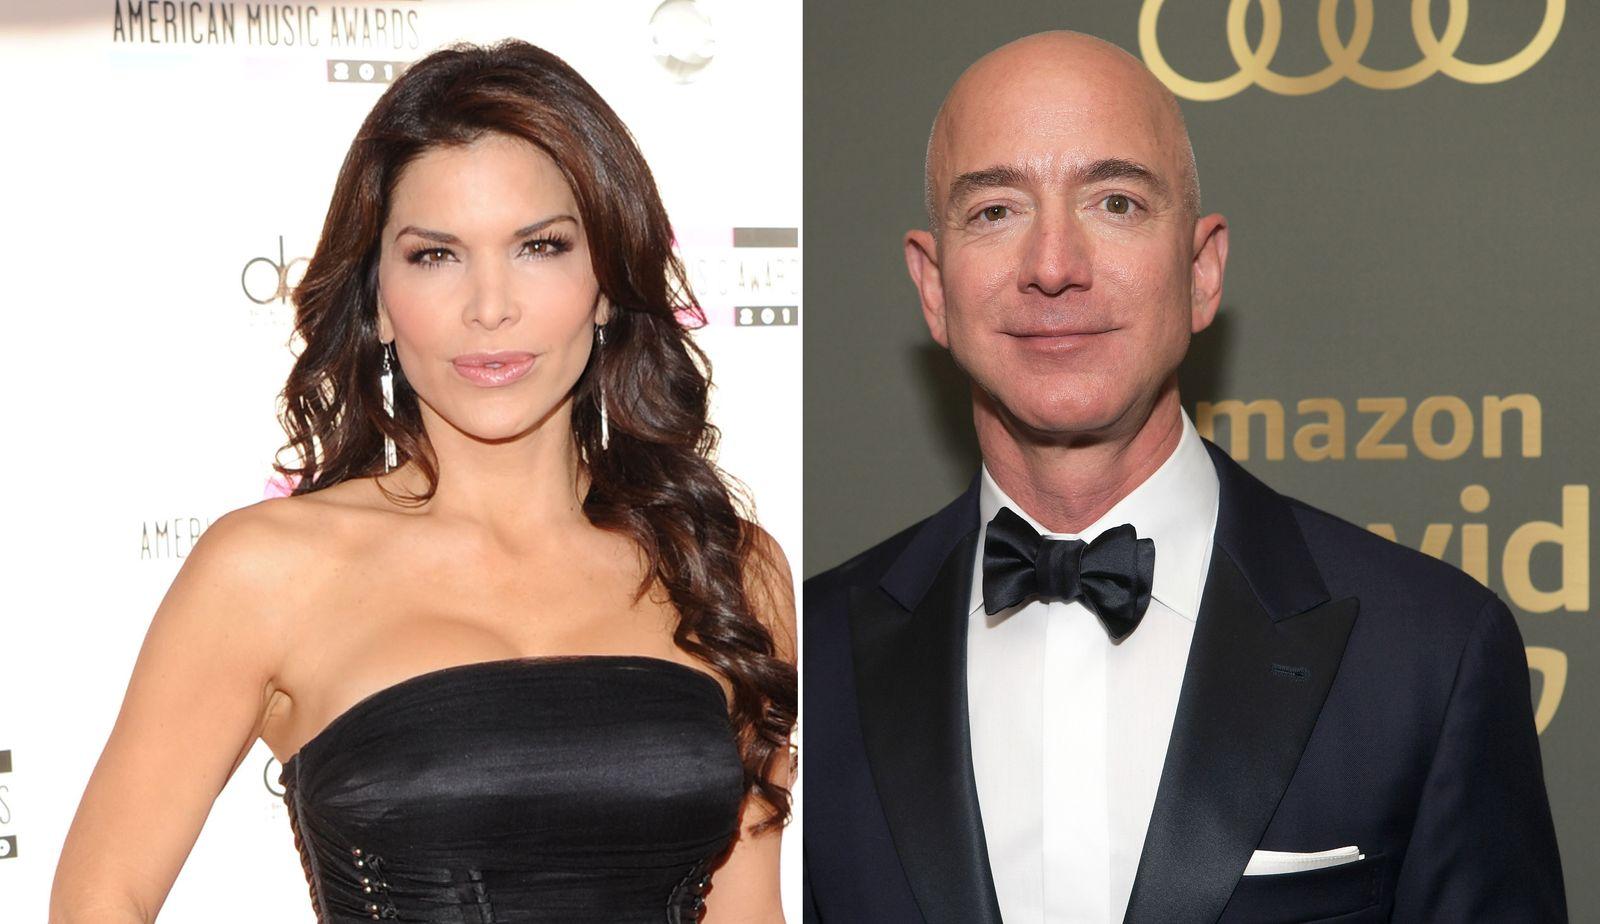 KOMBO Lauren Sanchez / Bezos